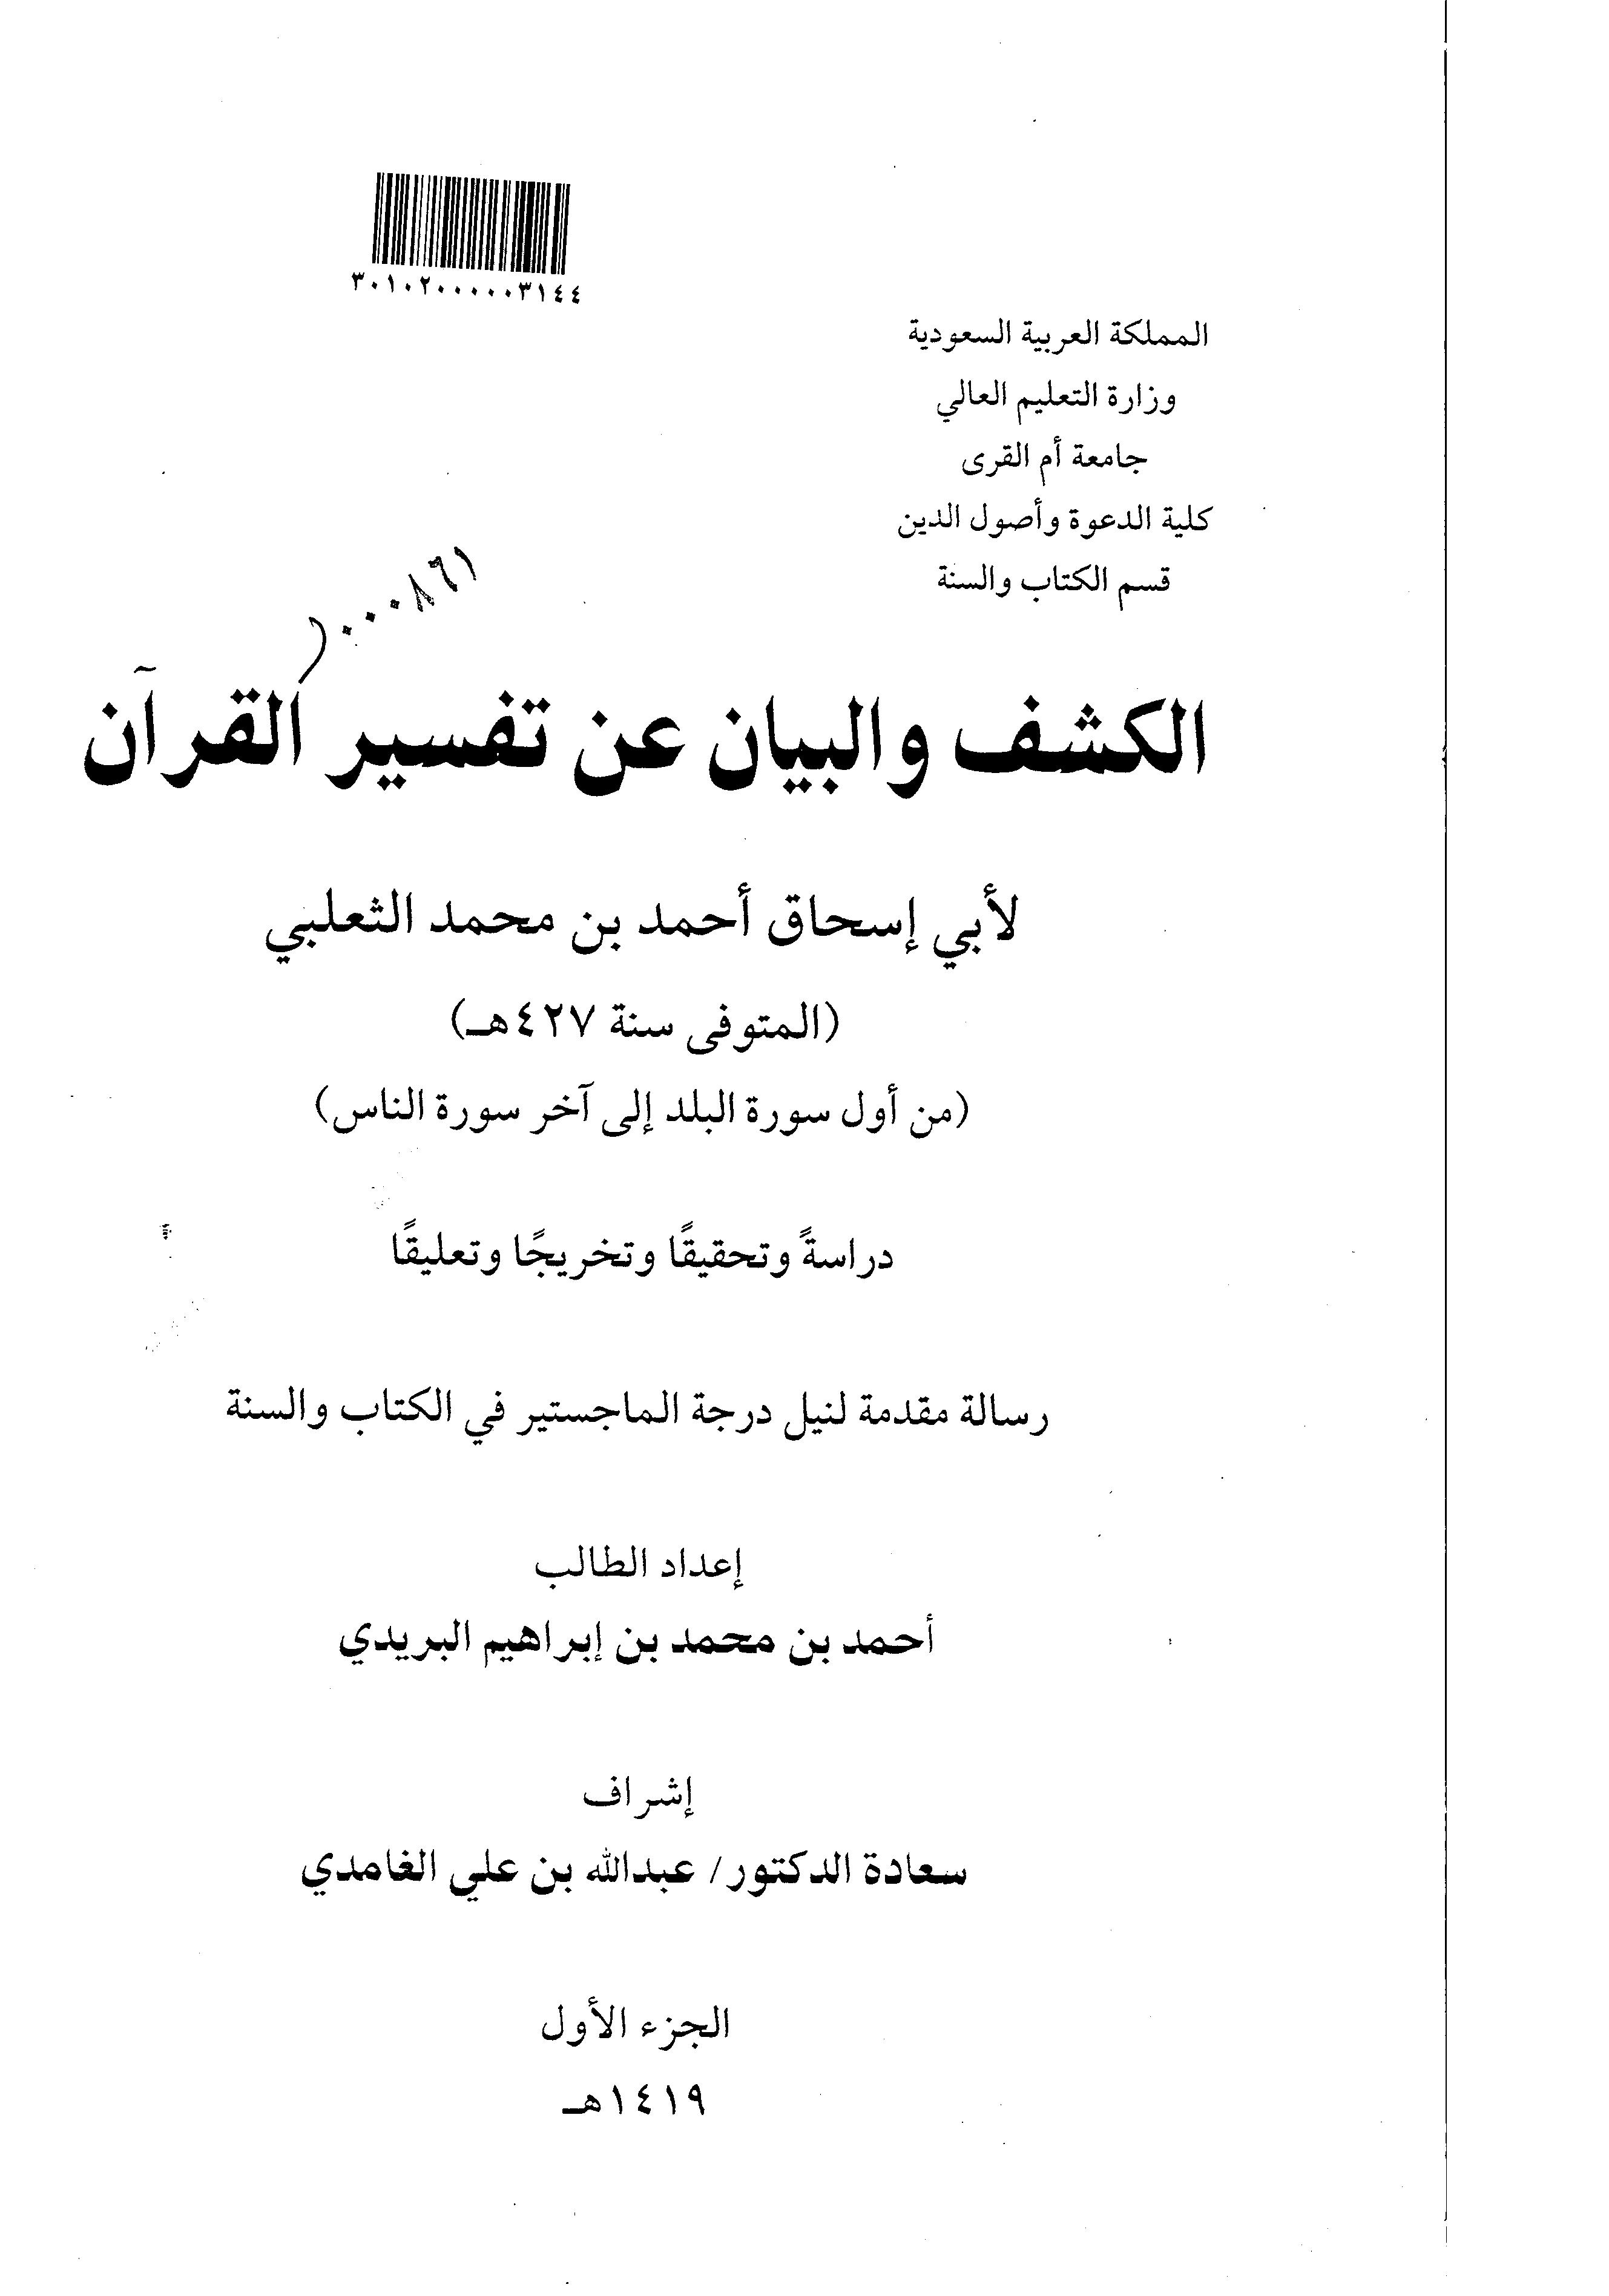 تحميل كتاب الكشف والبيان عن تفسير القرآن (من أول سورة البلد إلى آخر سورة الناس) لـِ: الإمام أبو إسحاق أحمد بن محمد بن إبراهيم الثعلبي النيسابوري (ت 427)